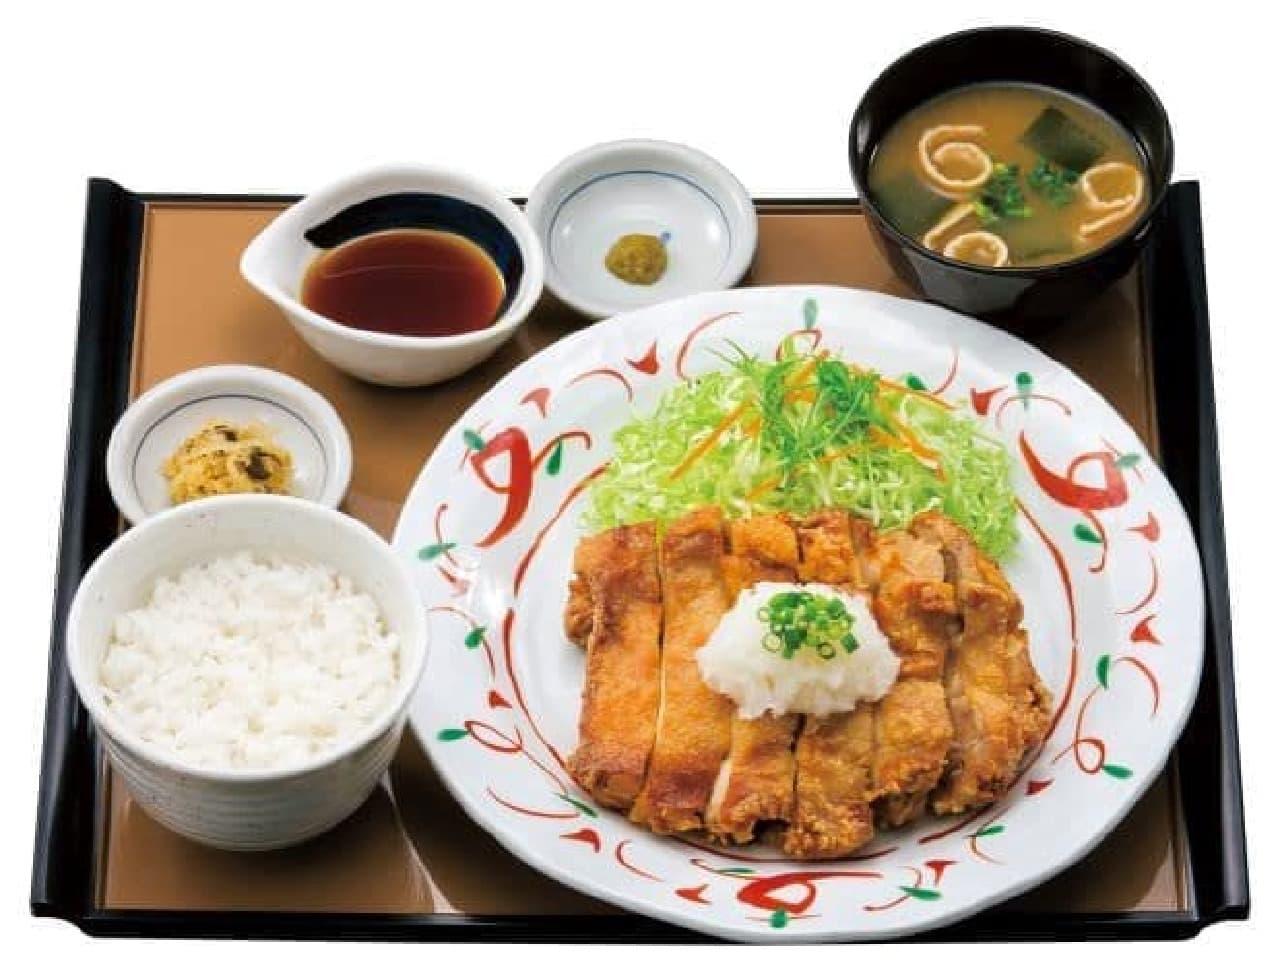 「鶏もも一枚揚げ定食」は、揚げられた鶏ももの一枚肉が楽しめる定食